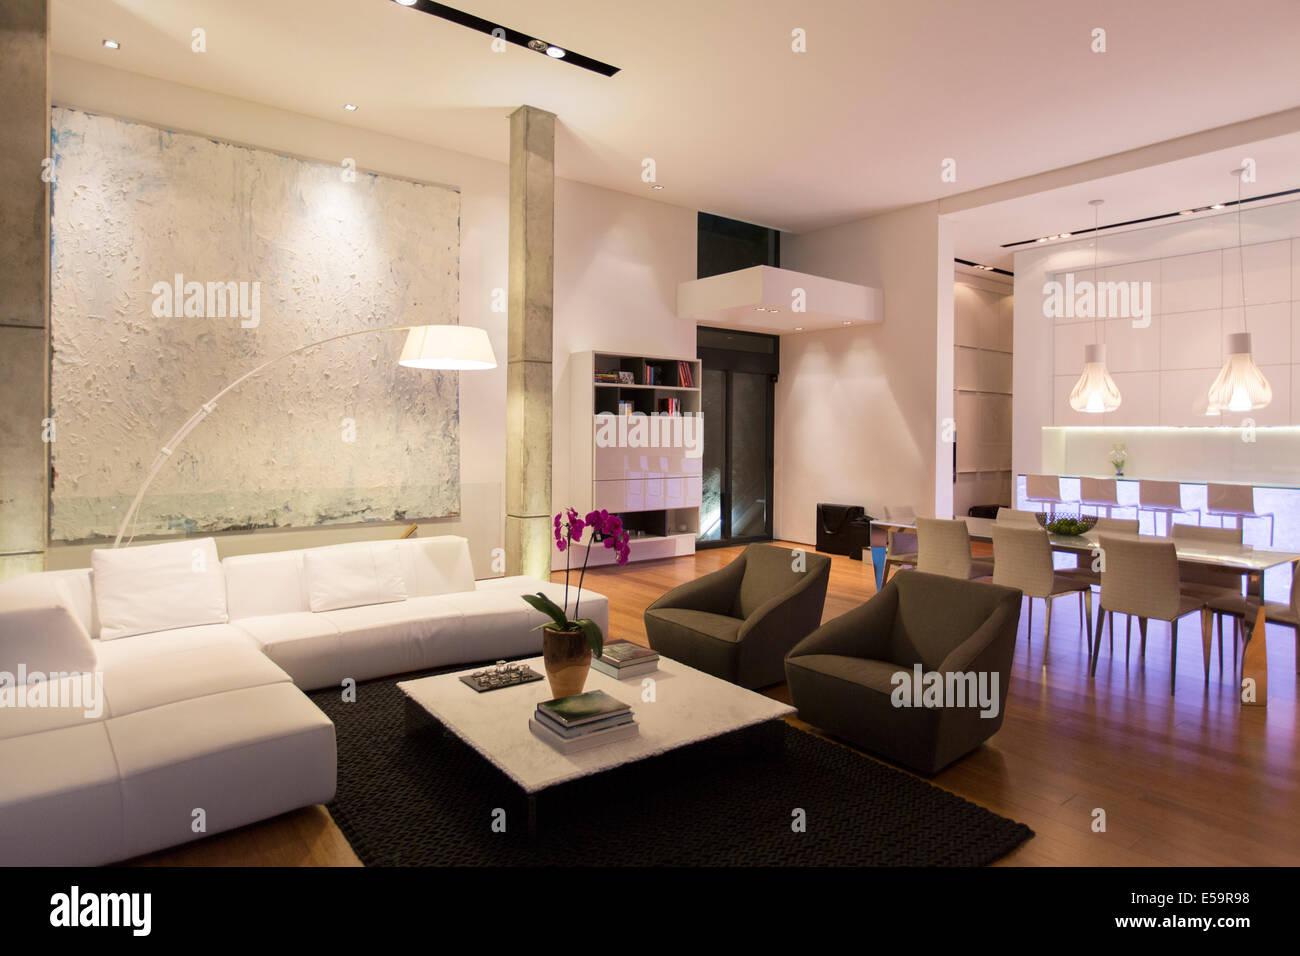 Sofa und Tisch in moderne Wohnzimmer Stockfoto, Bild: 72130612 - Alamy